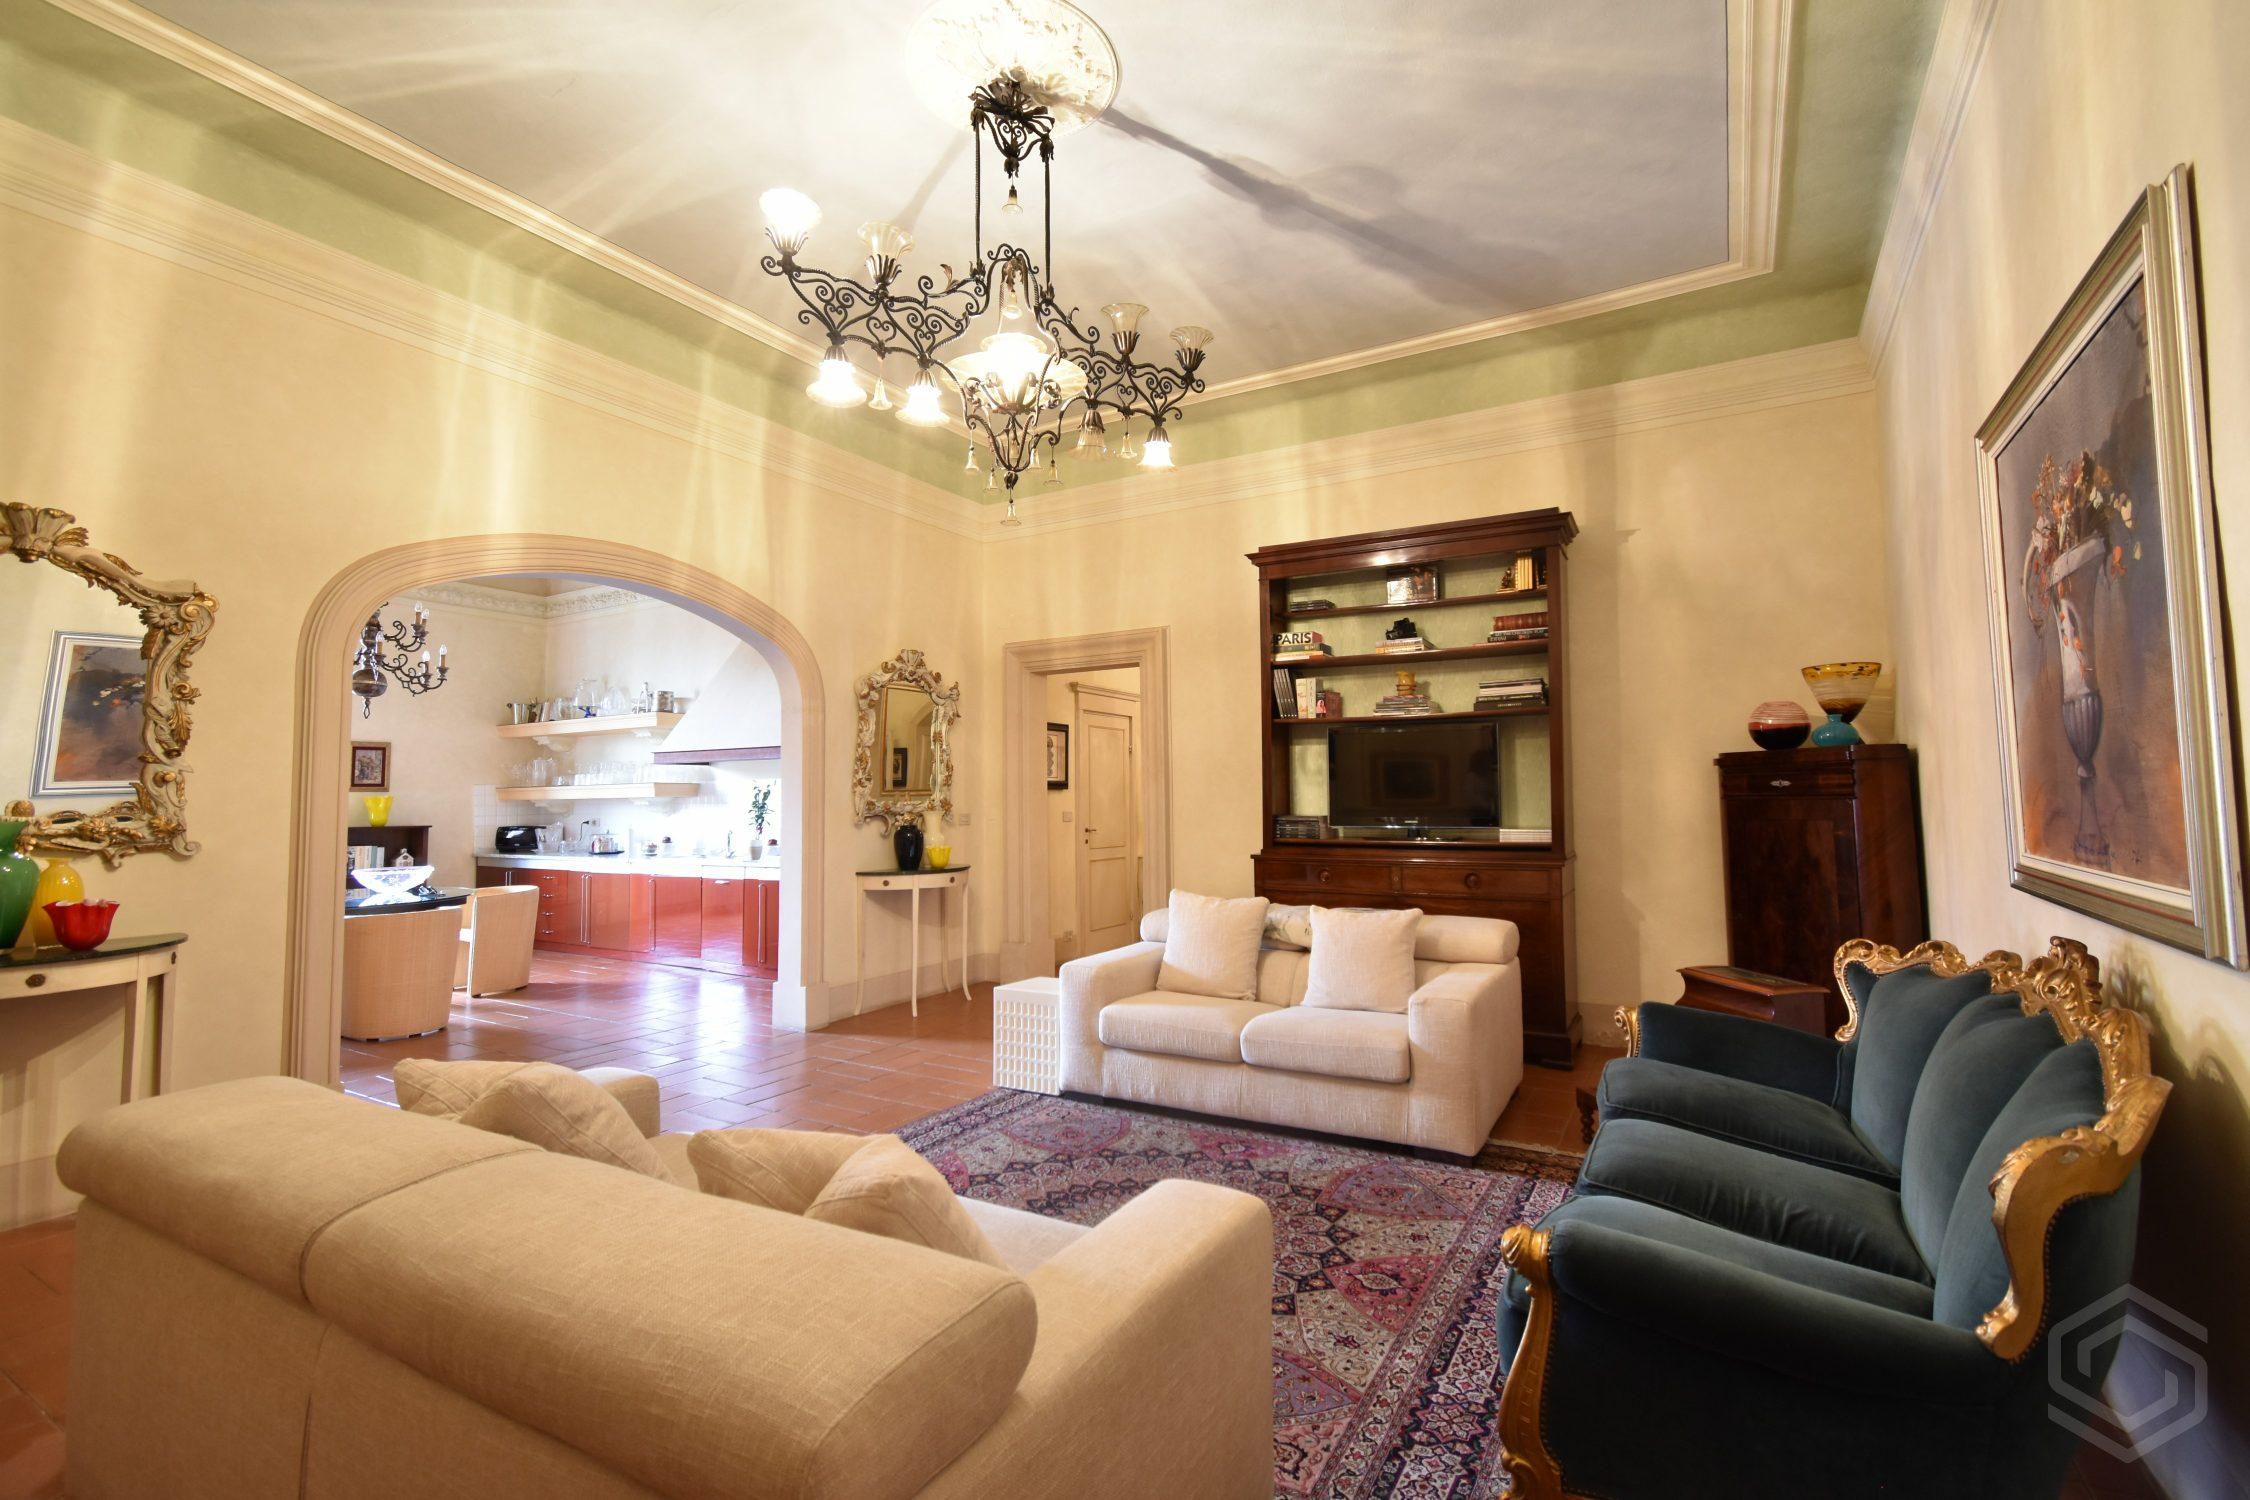 Livorno – Ampia casa storica con fascino unico